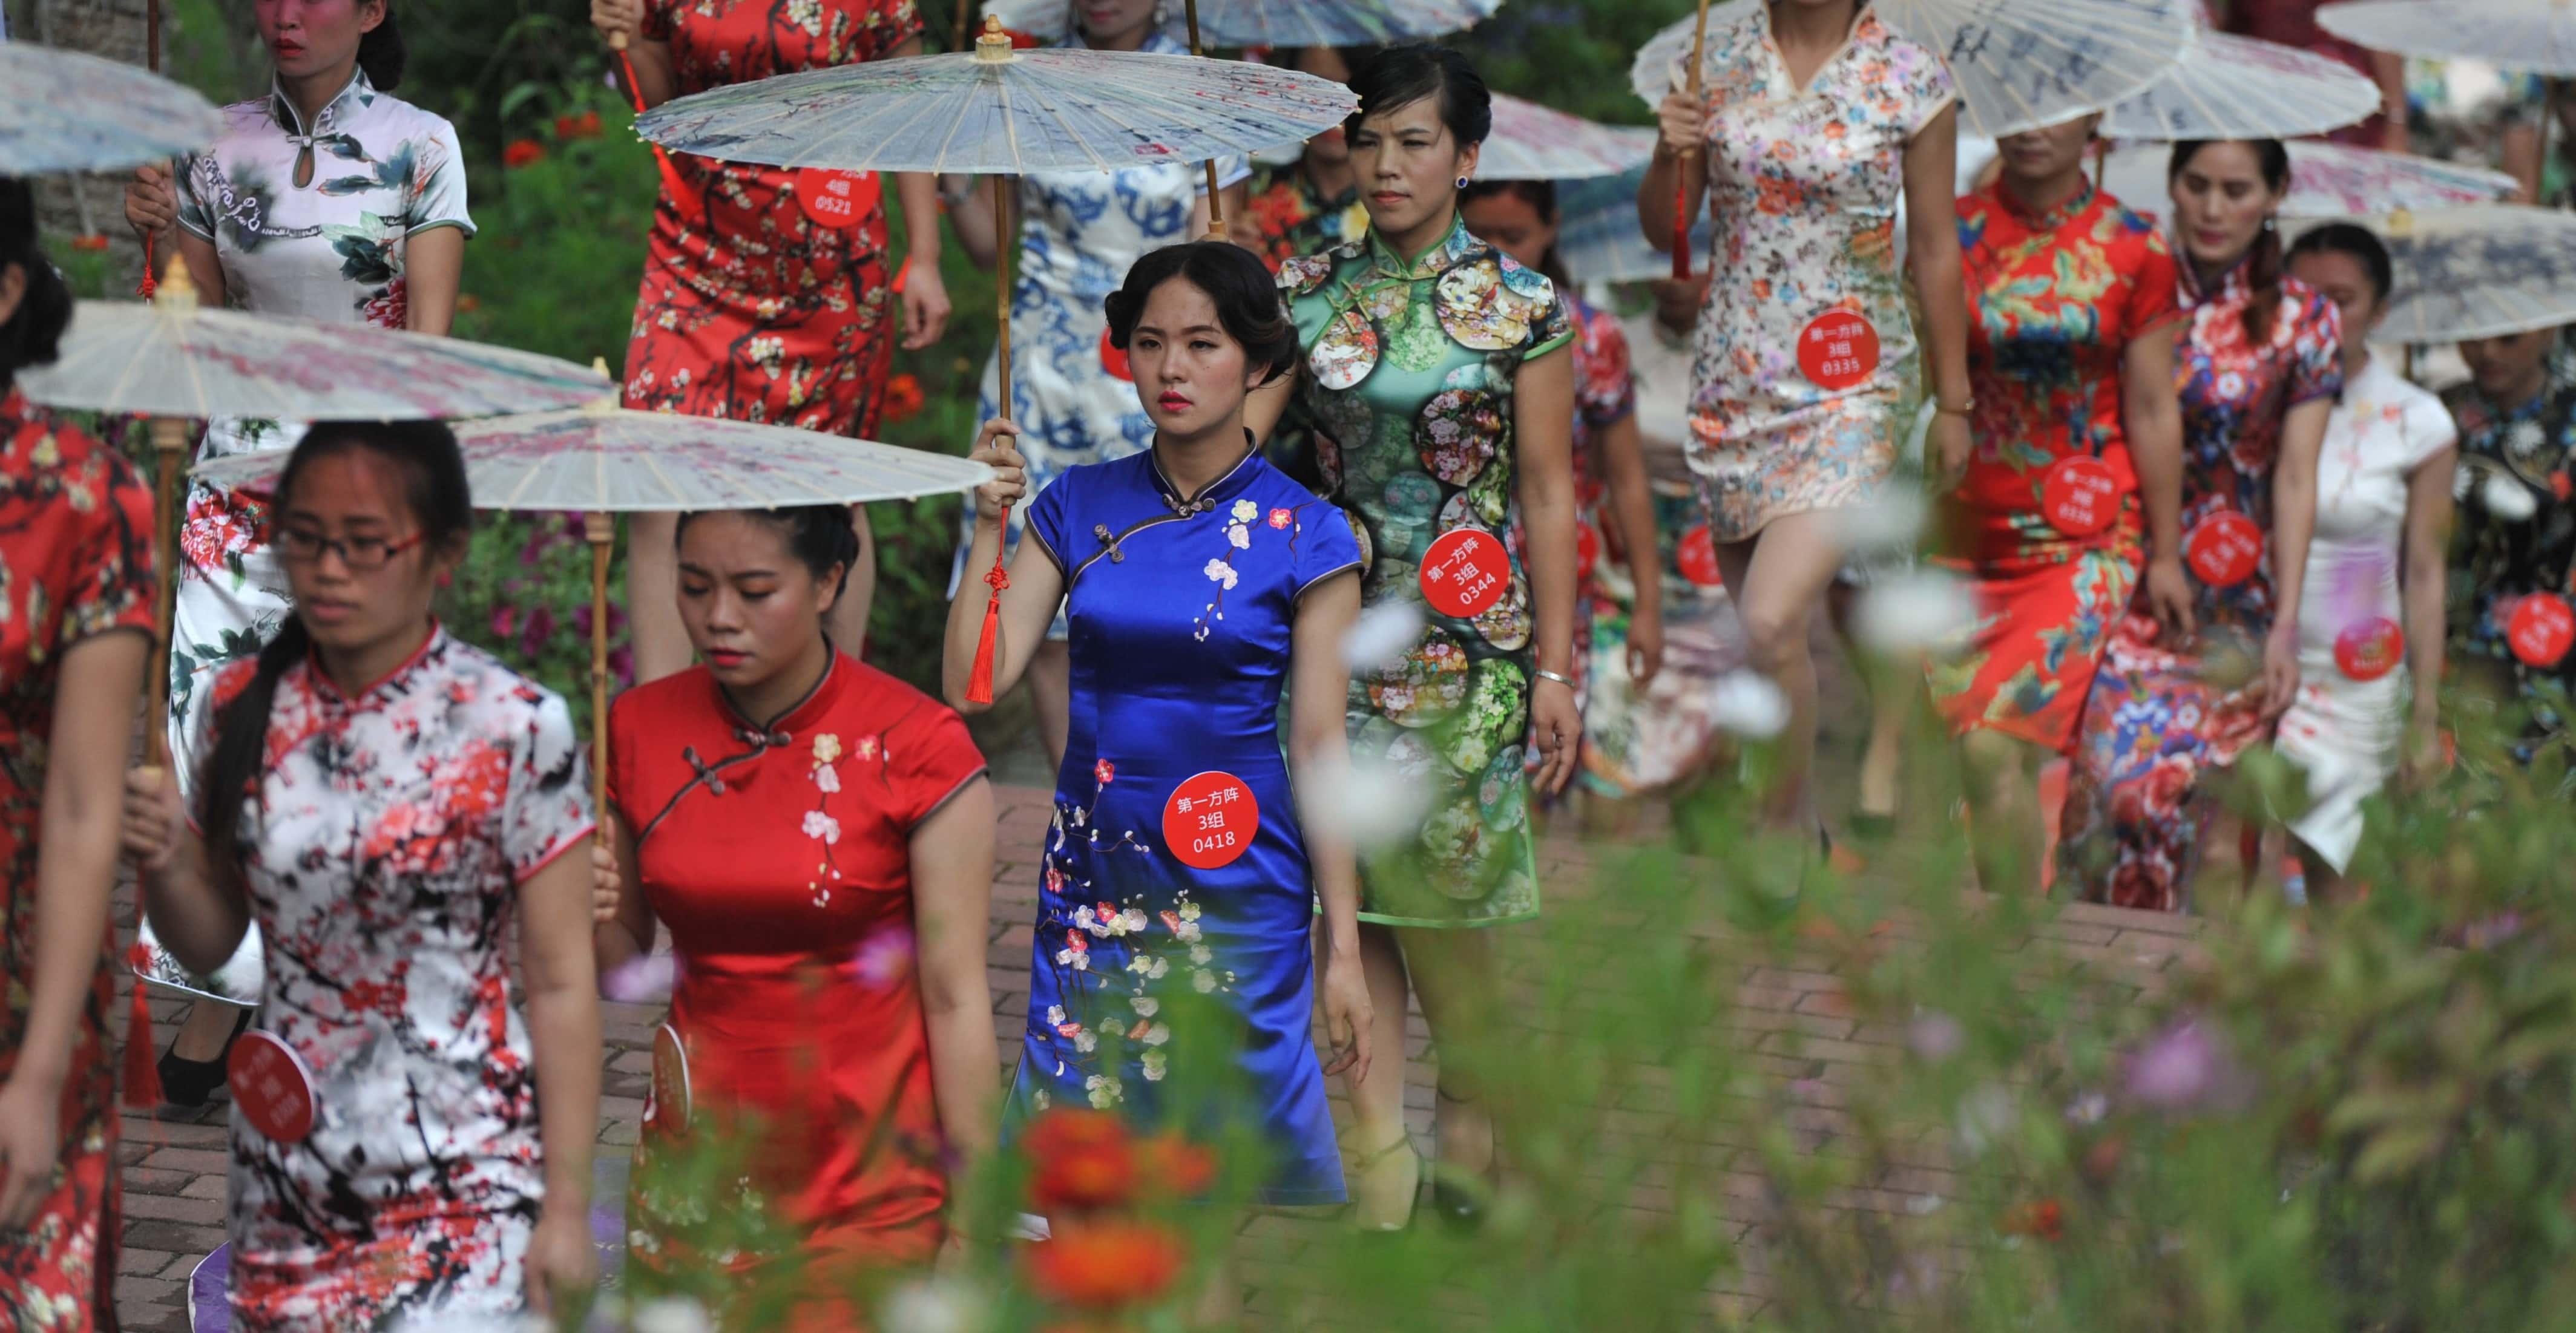 Women wearing cheongsams in Liupanshui, China (Photo: VCG via Getty Images)